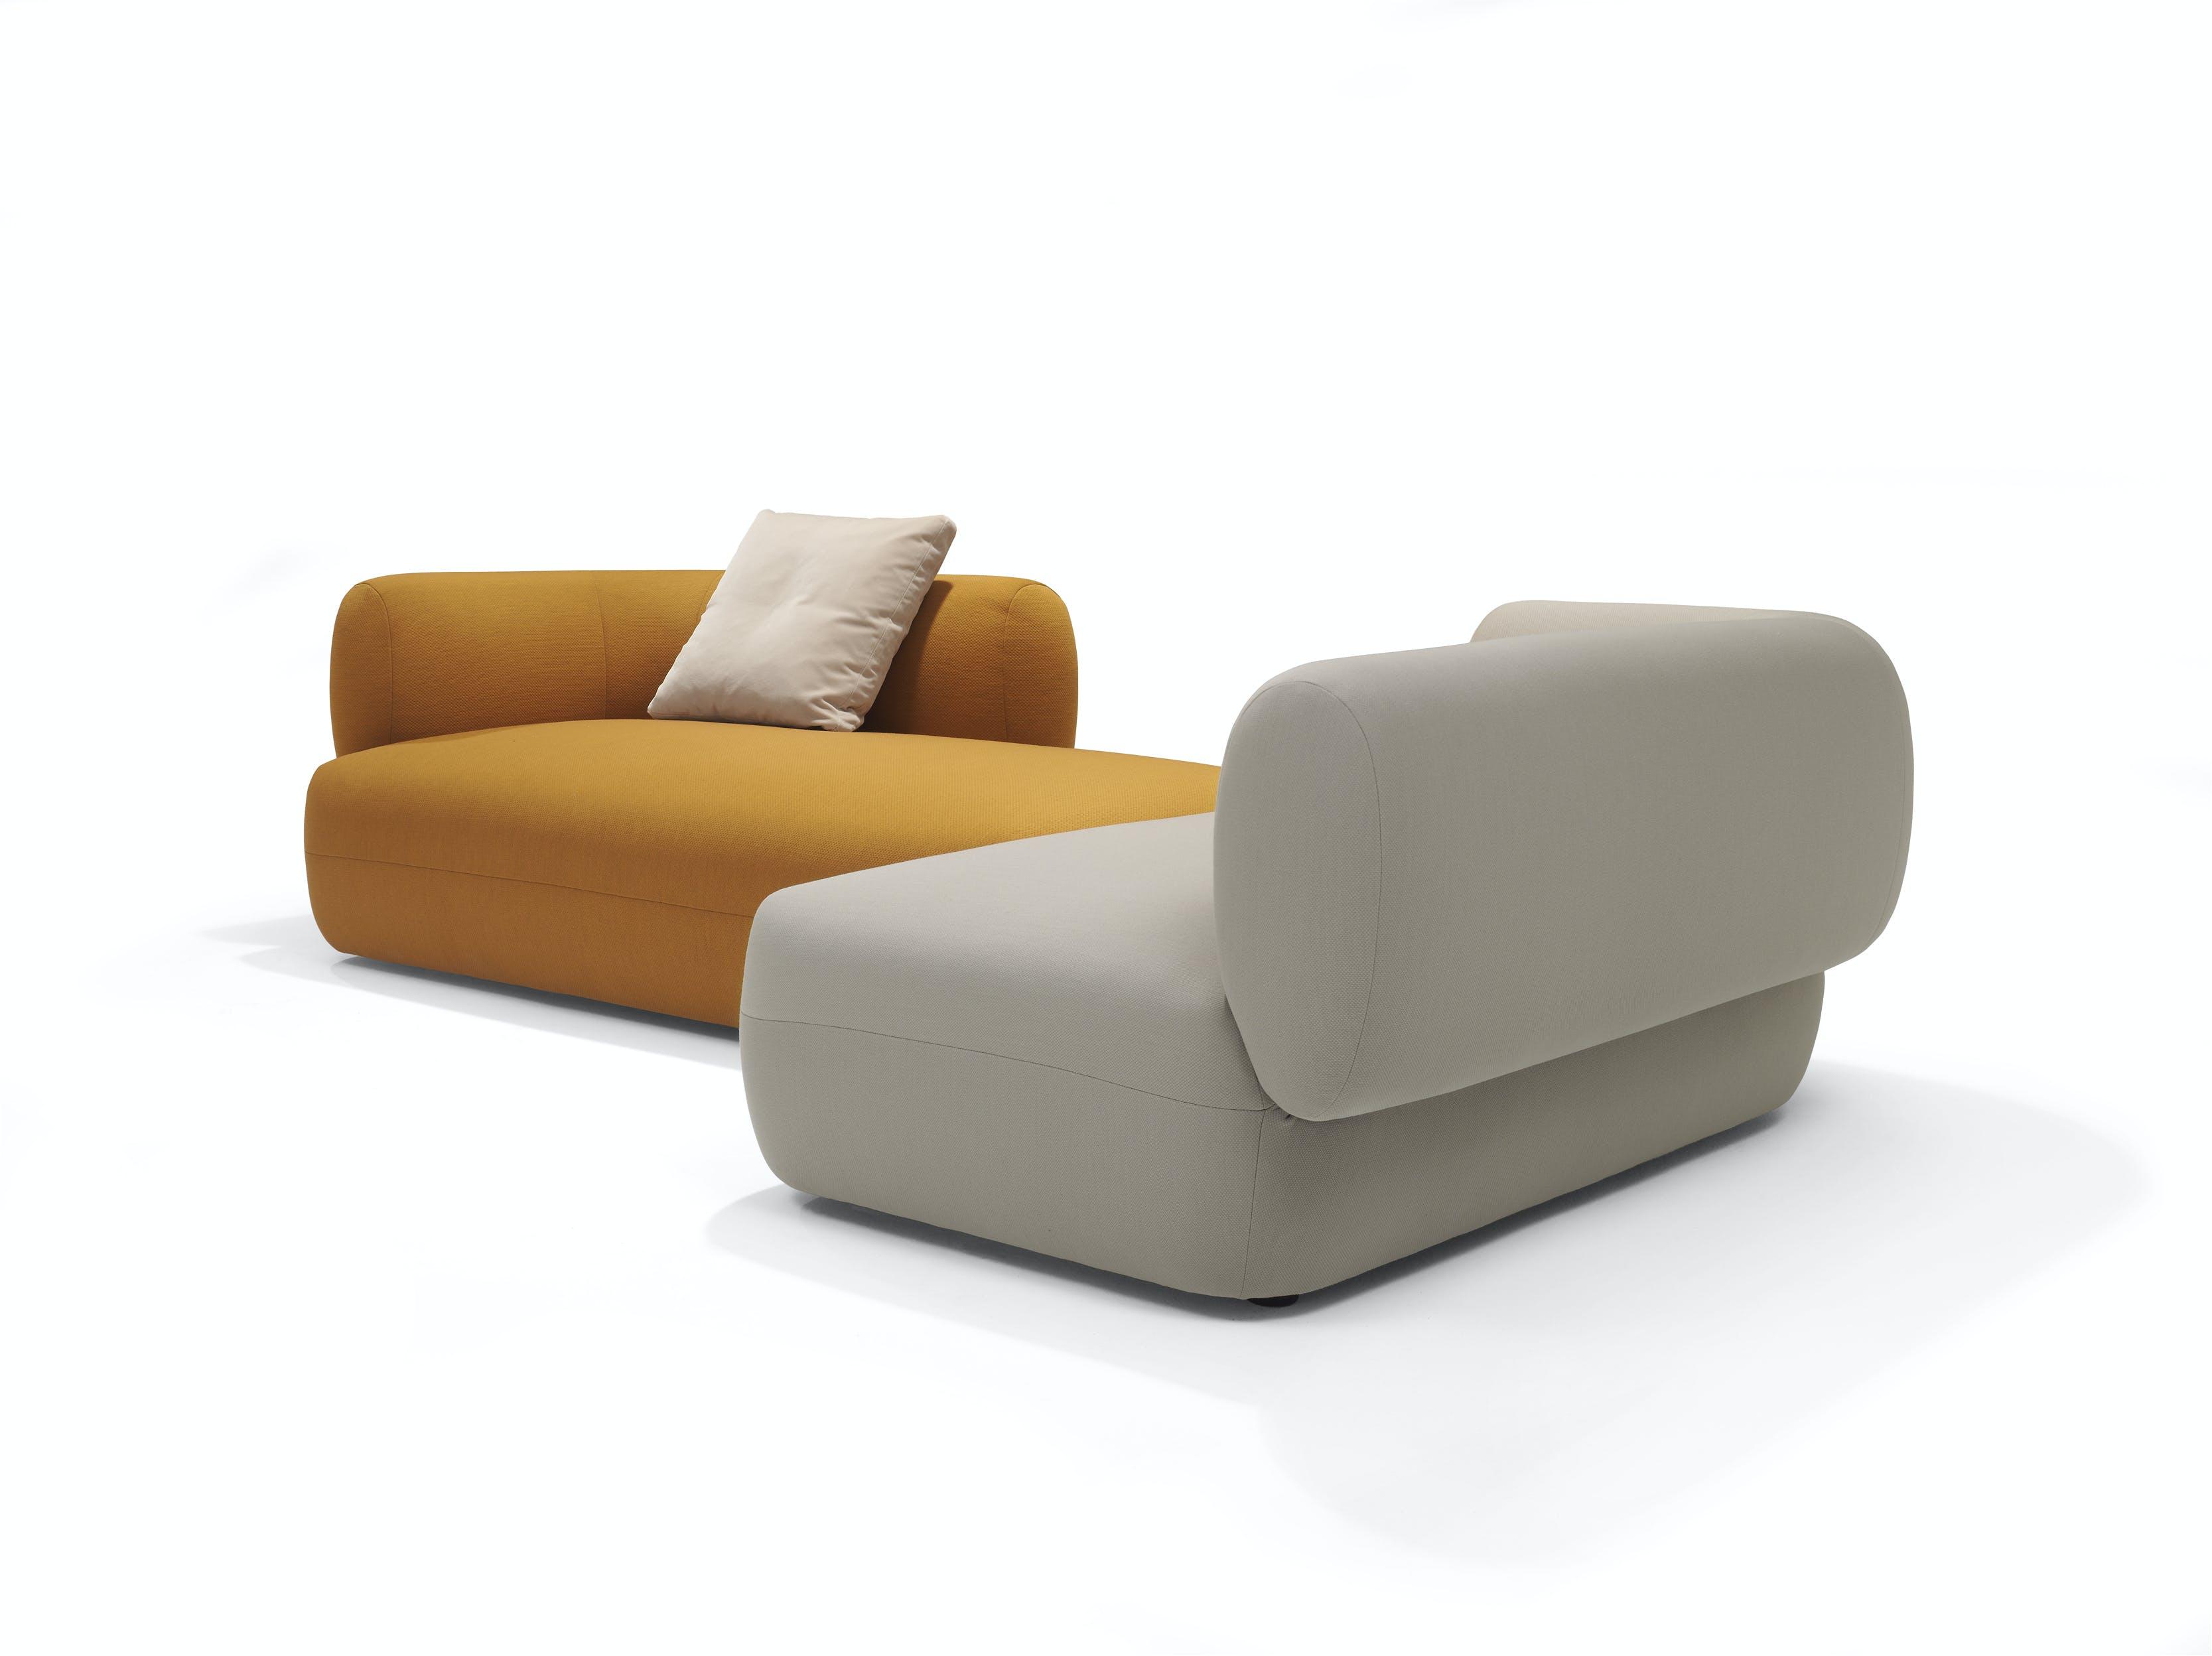 Linteloo-angles-back-pillow-arp-haute-living